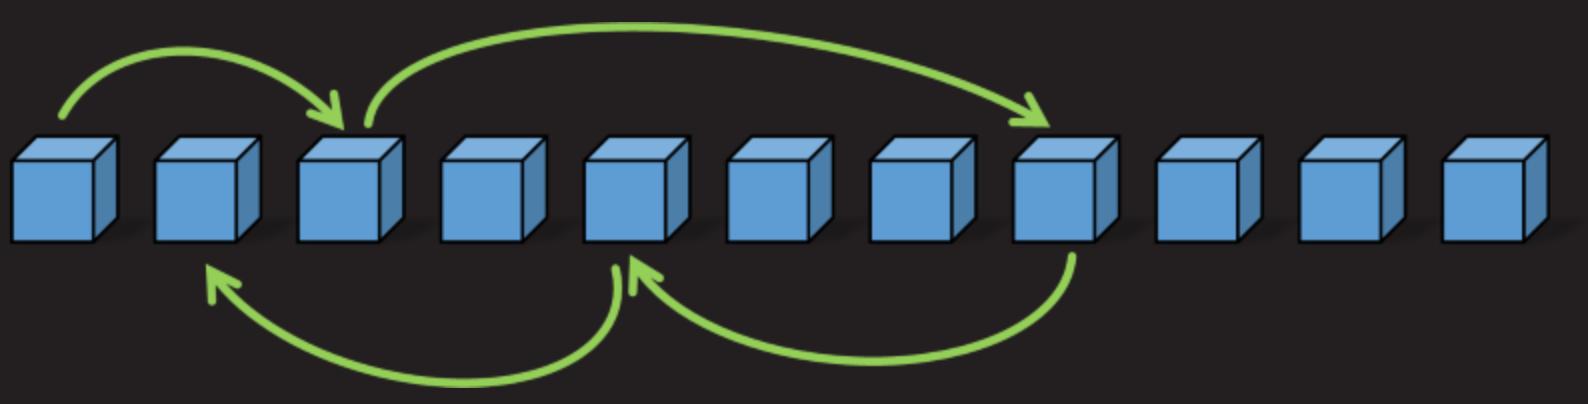 Математическая задача о 100 коробках и спасении заключенных - 12